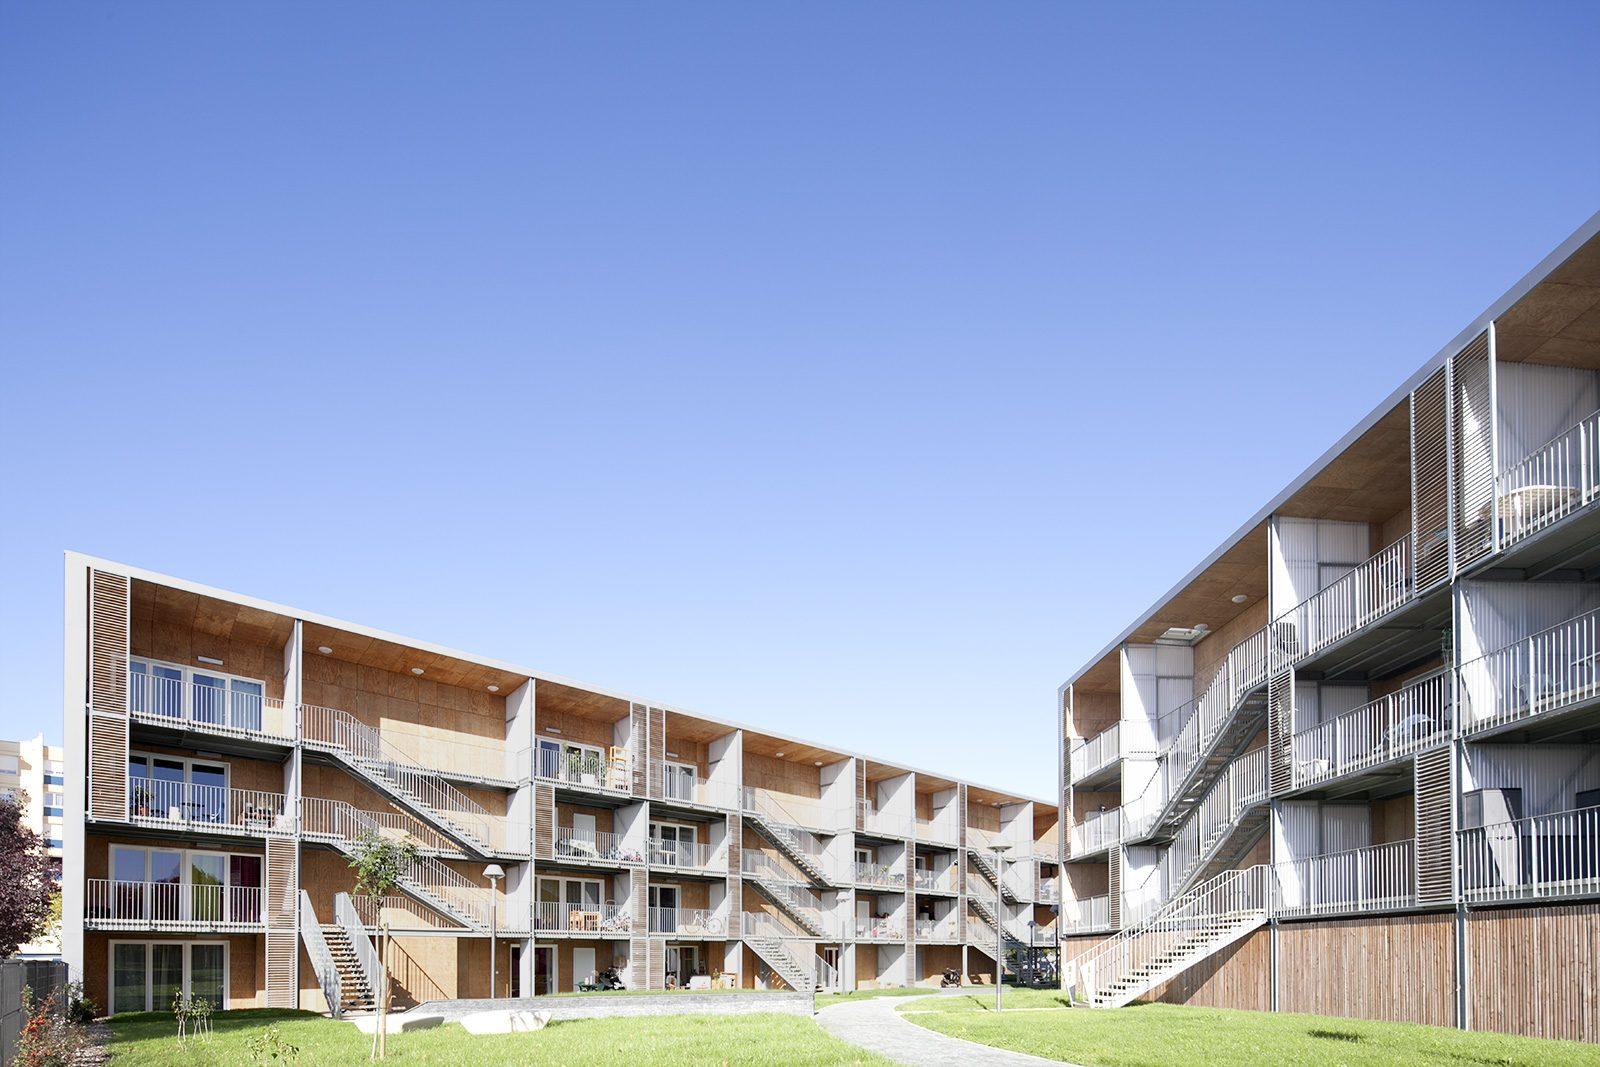 Résidentiel Bodreau Architecture